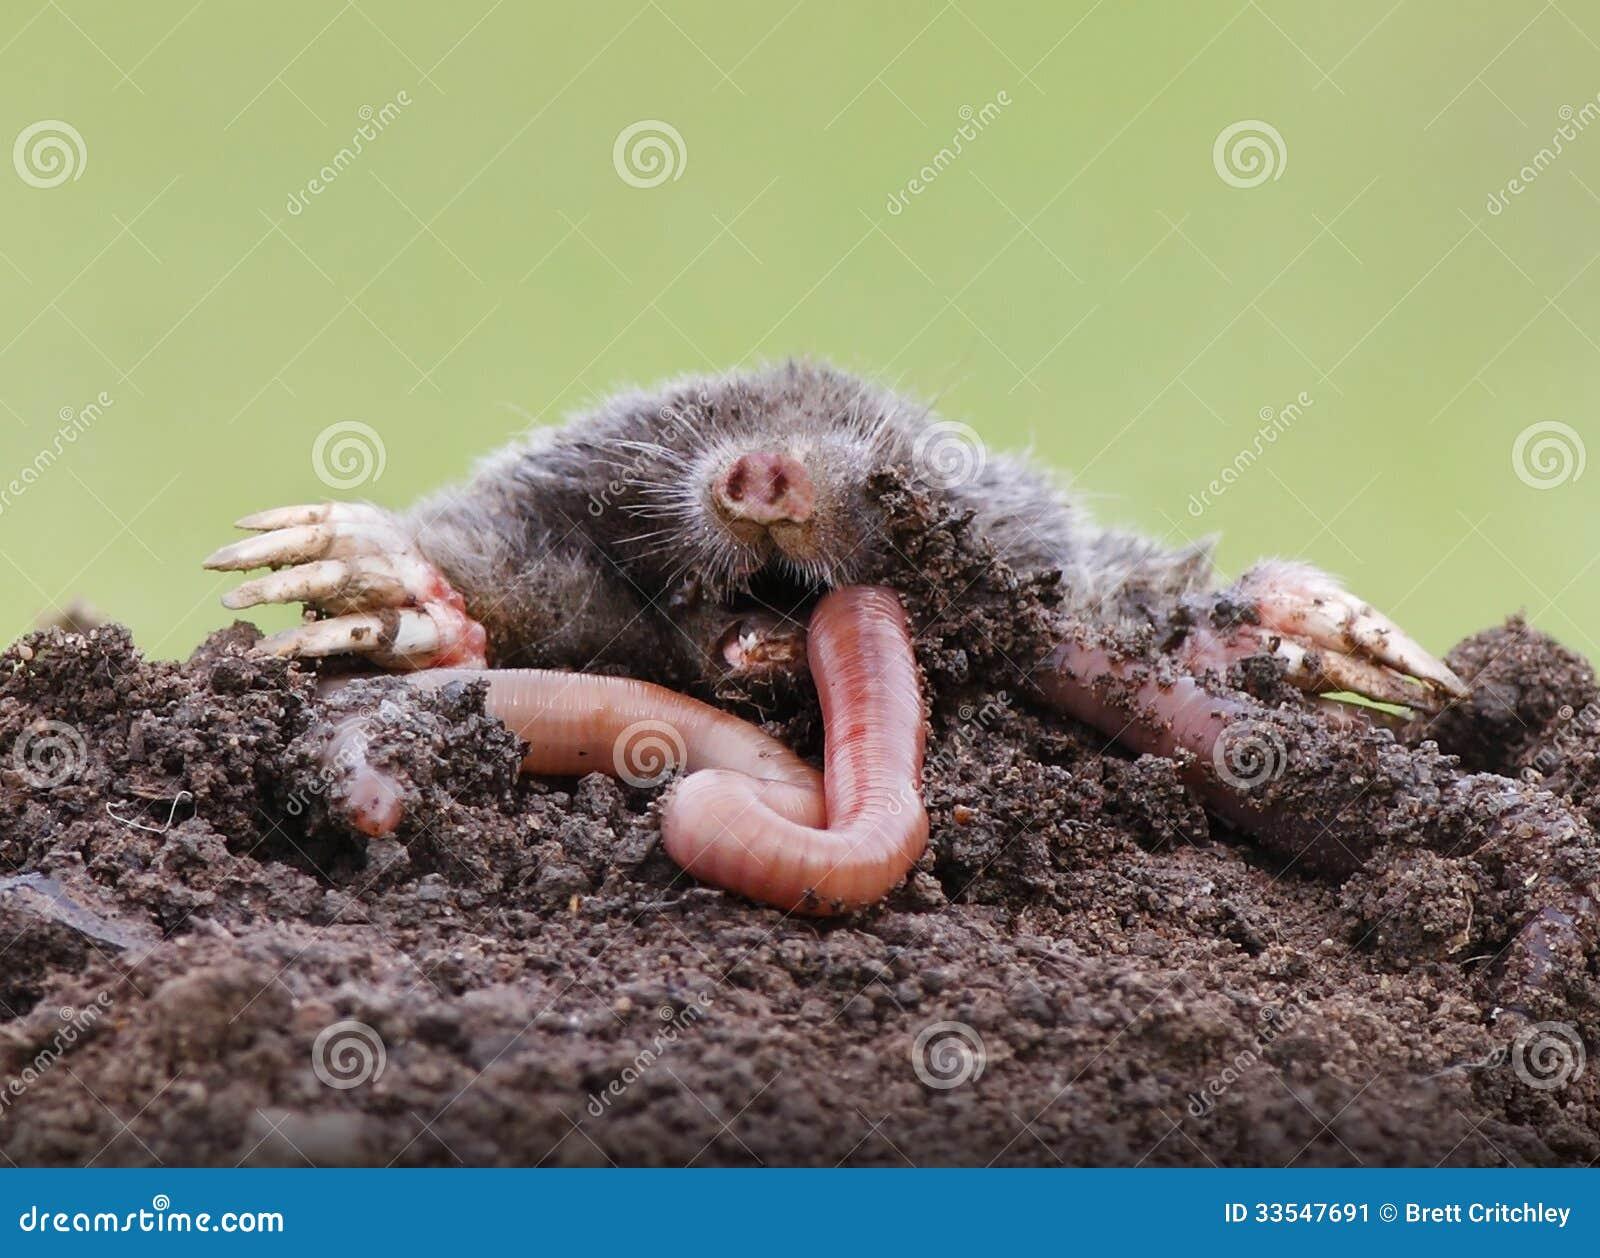 Talpa che mangia lombrico immagine stock immagine 33547691 - Cosa mangia un cucciolo di talpa ...